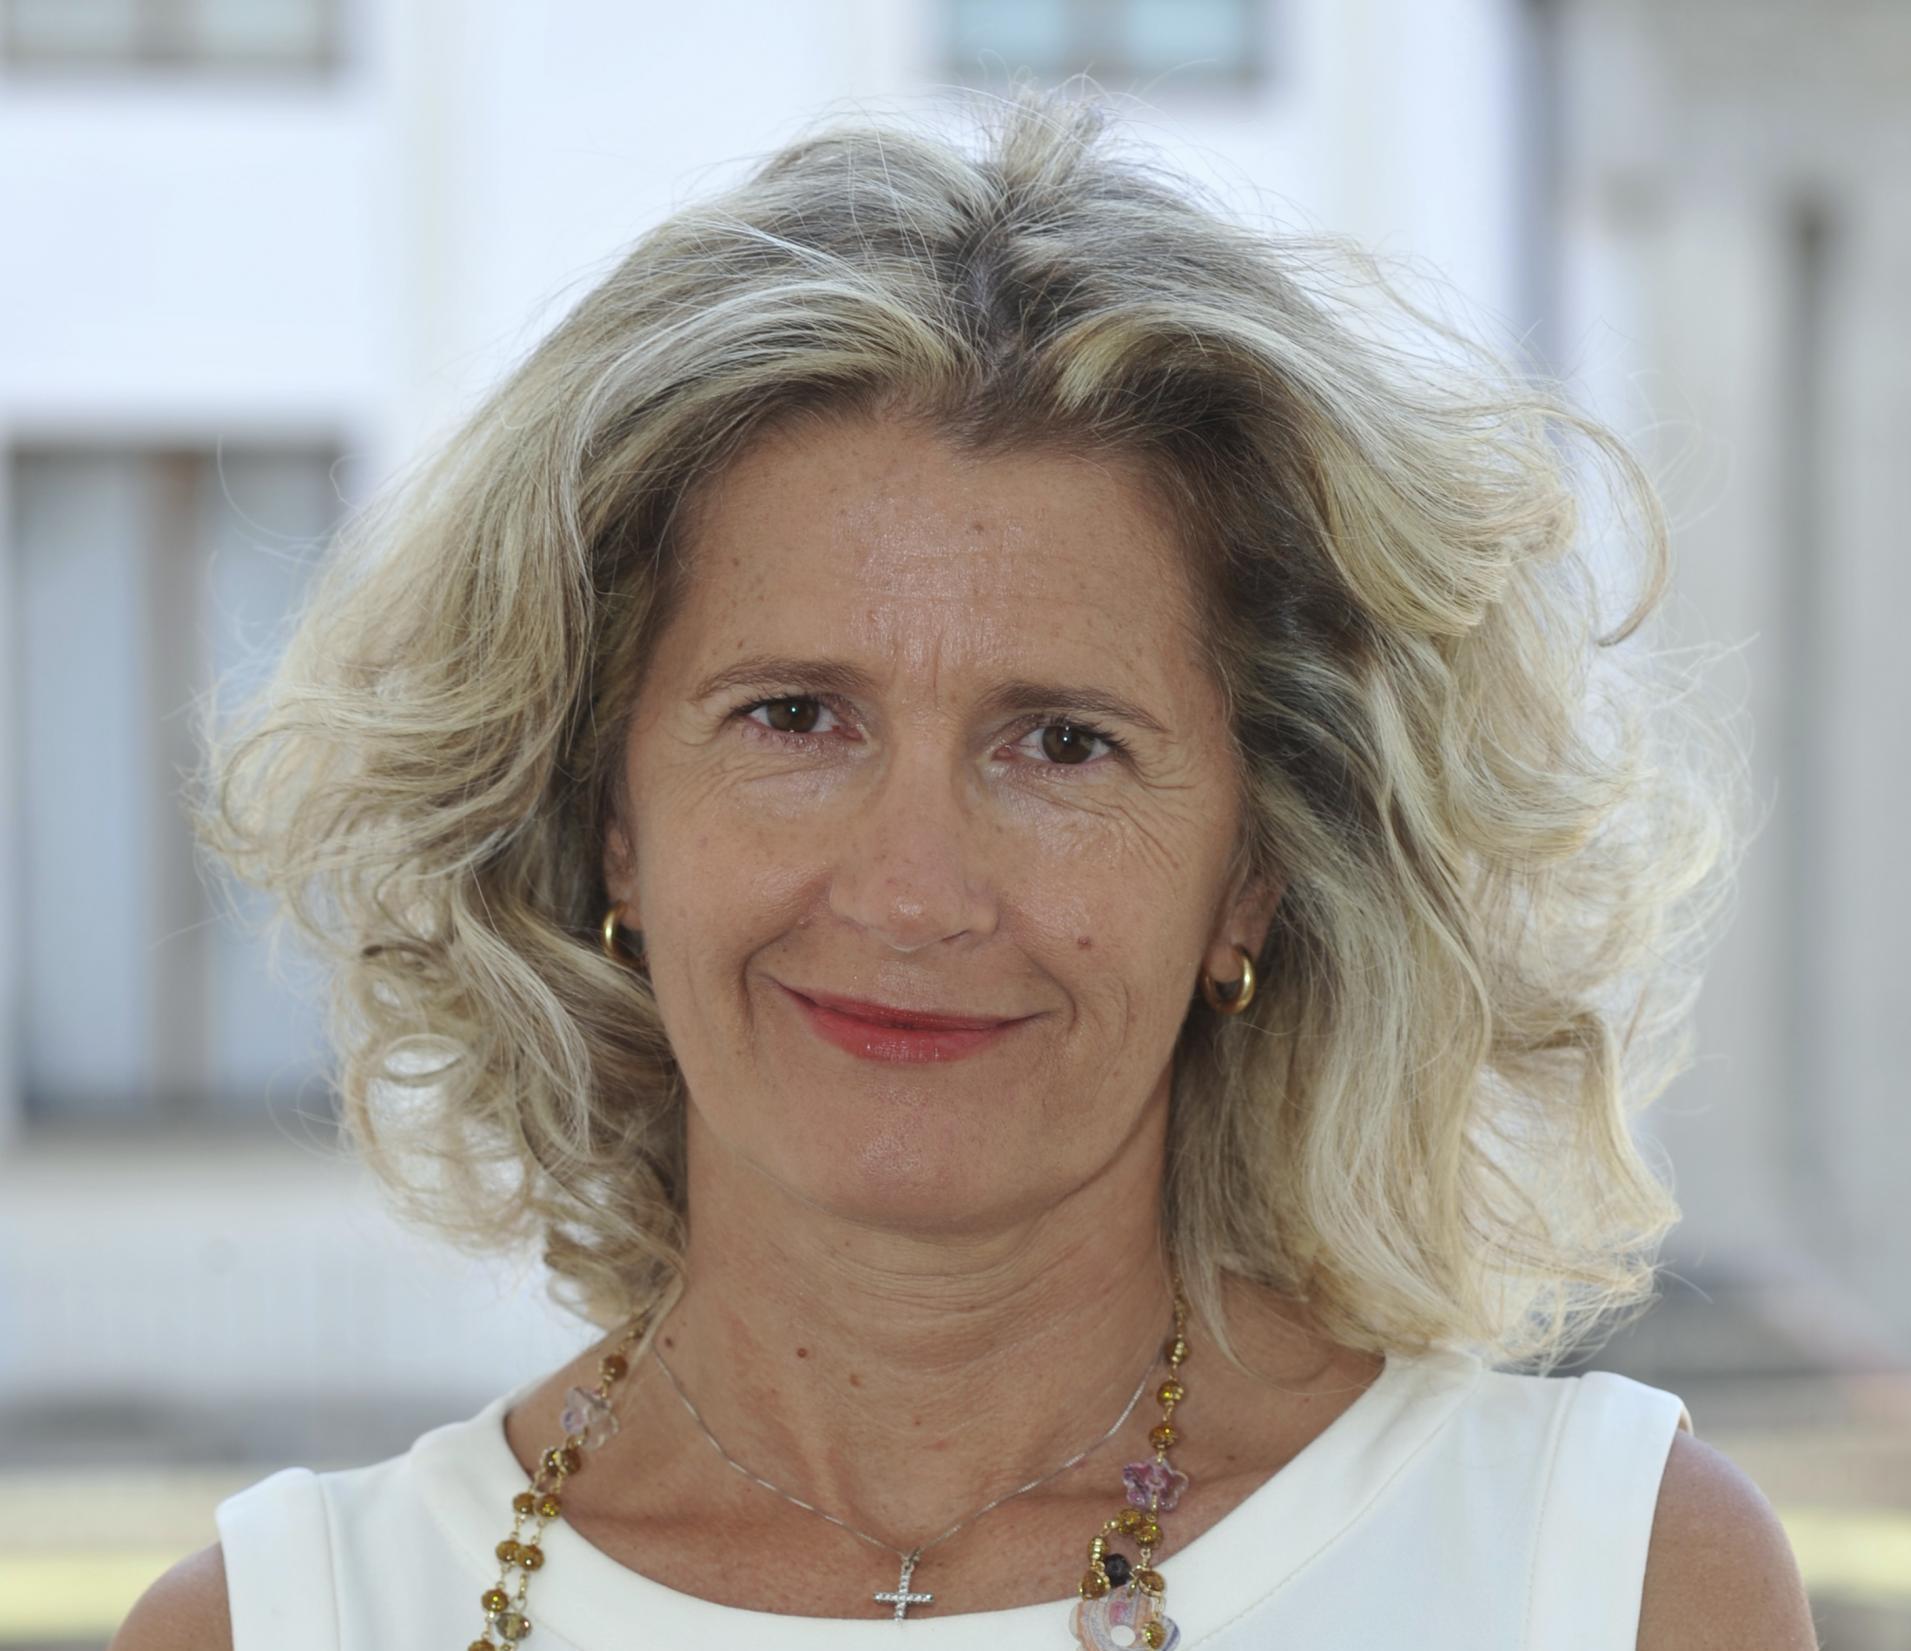 Roberta Cocco : la tecnologia agile e accessibile a tutti